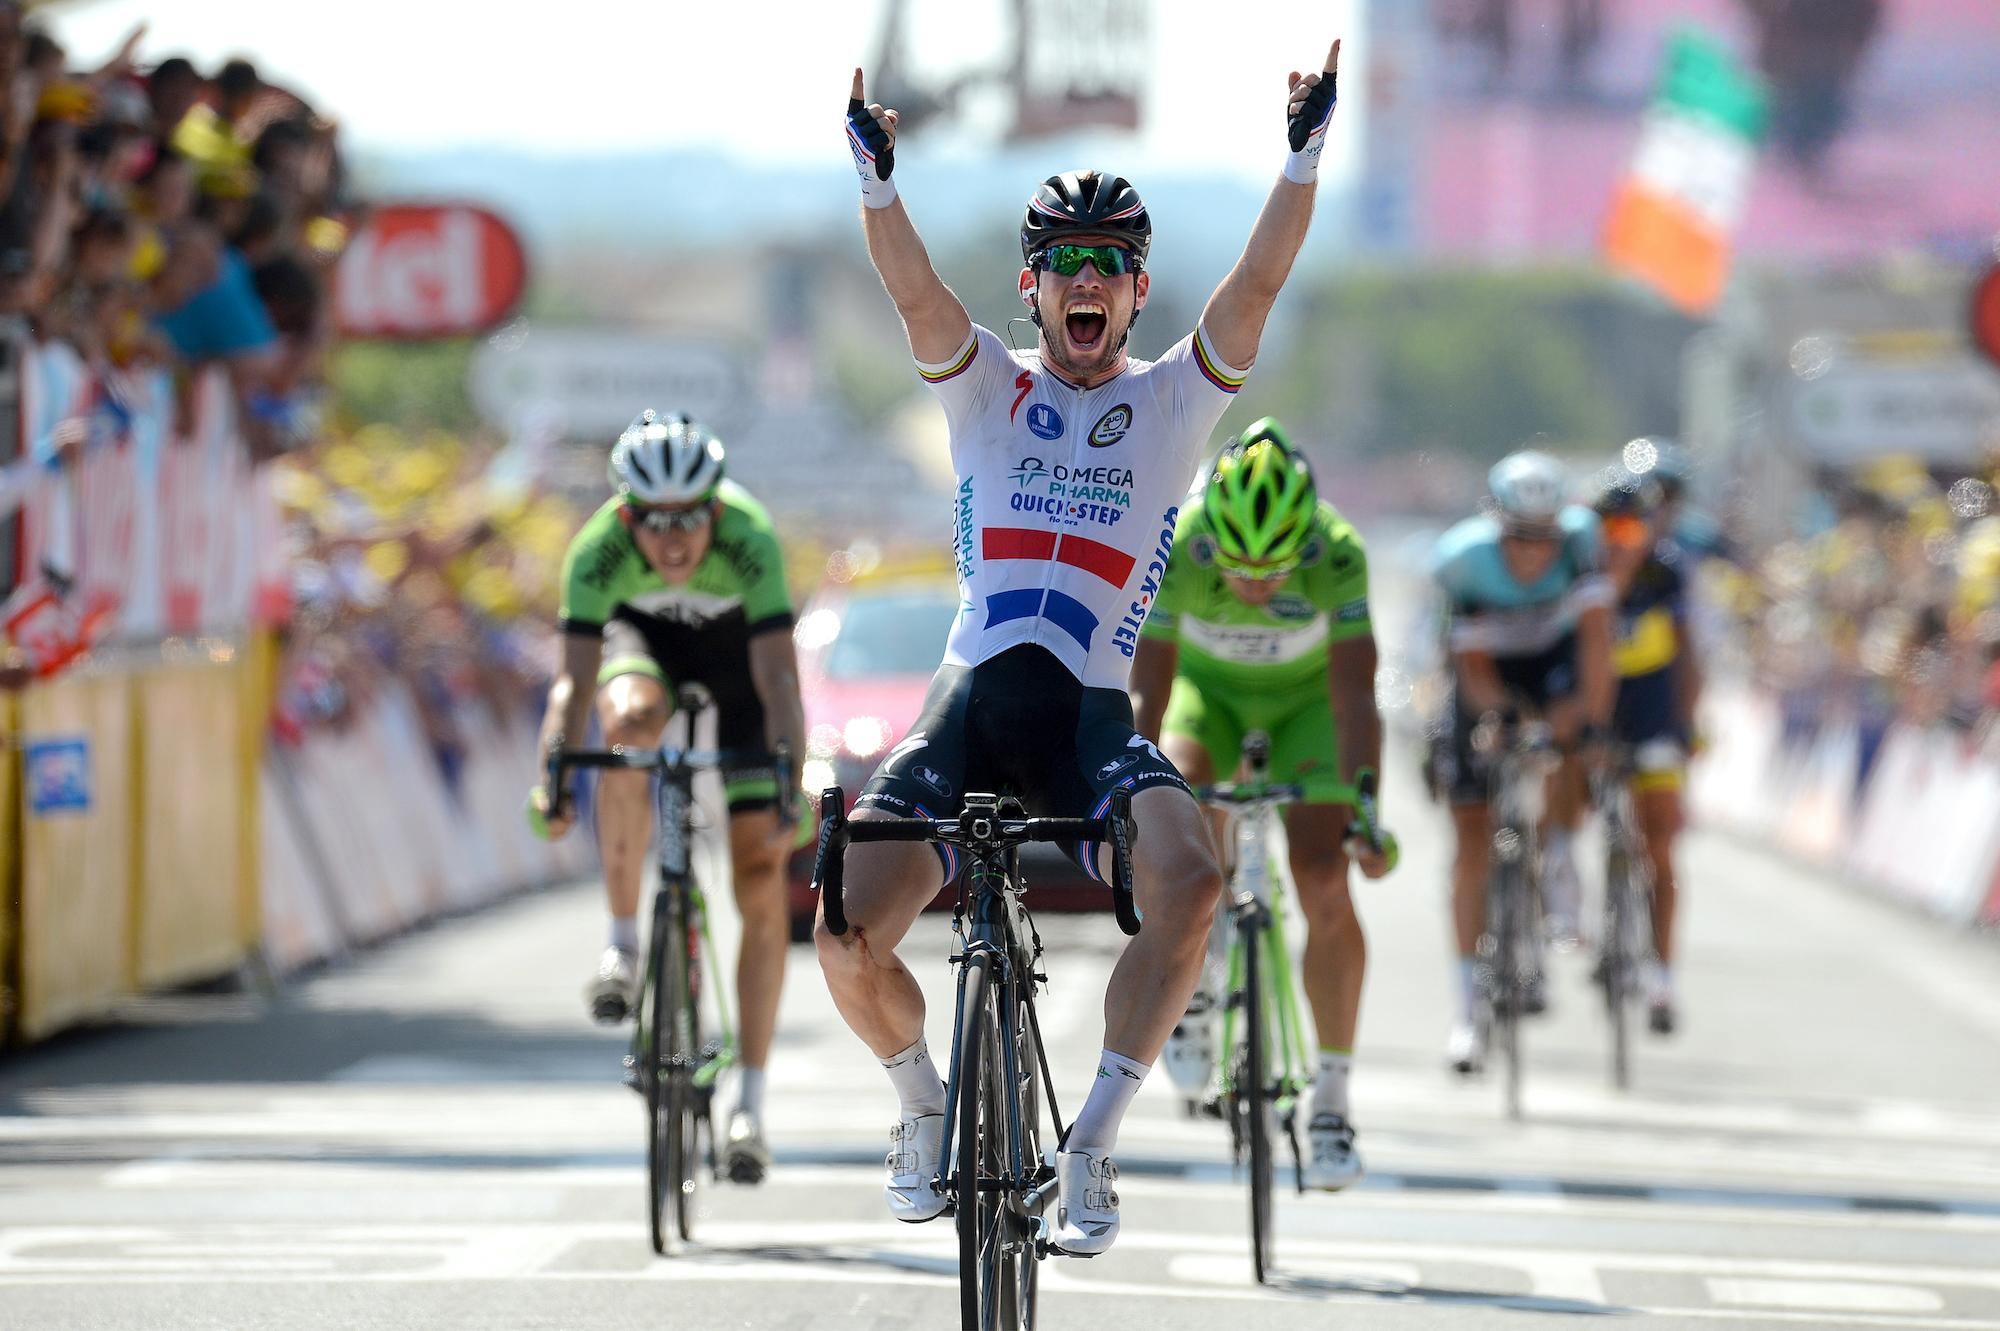 Mark Cavendish wins stage 13 of the 2013 Tour de France